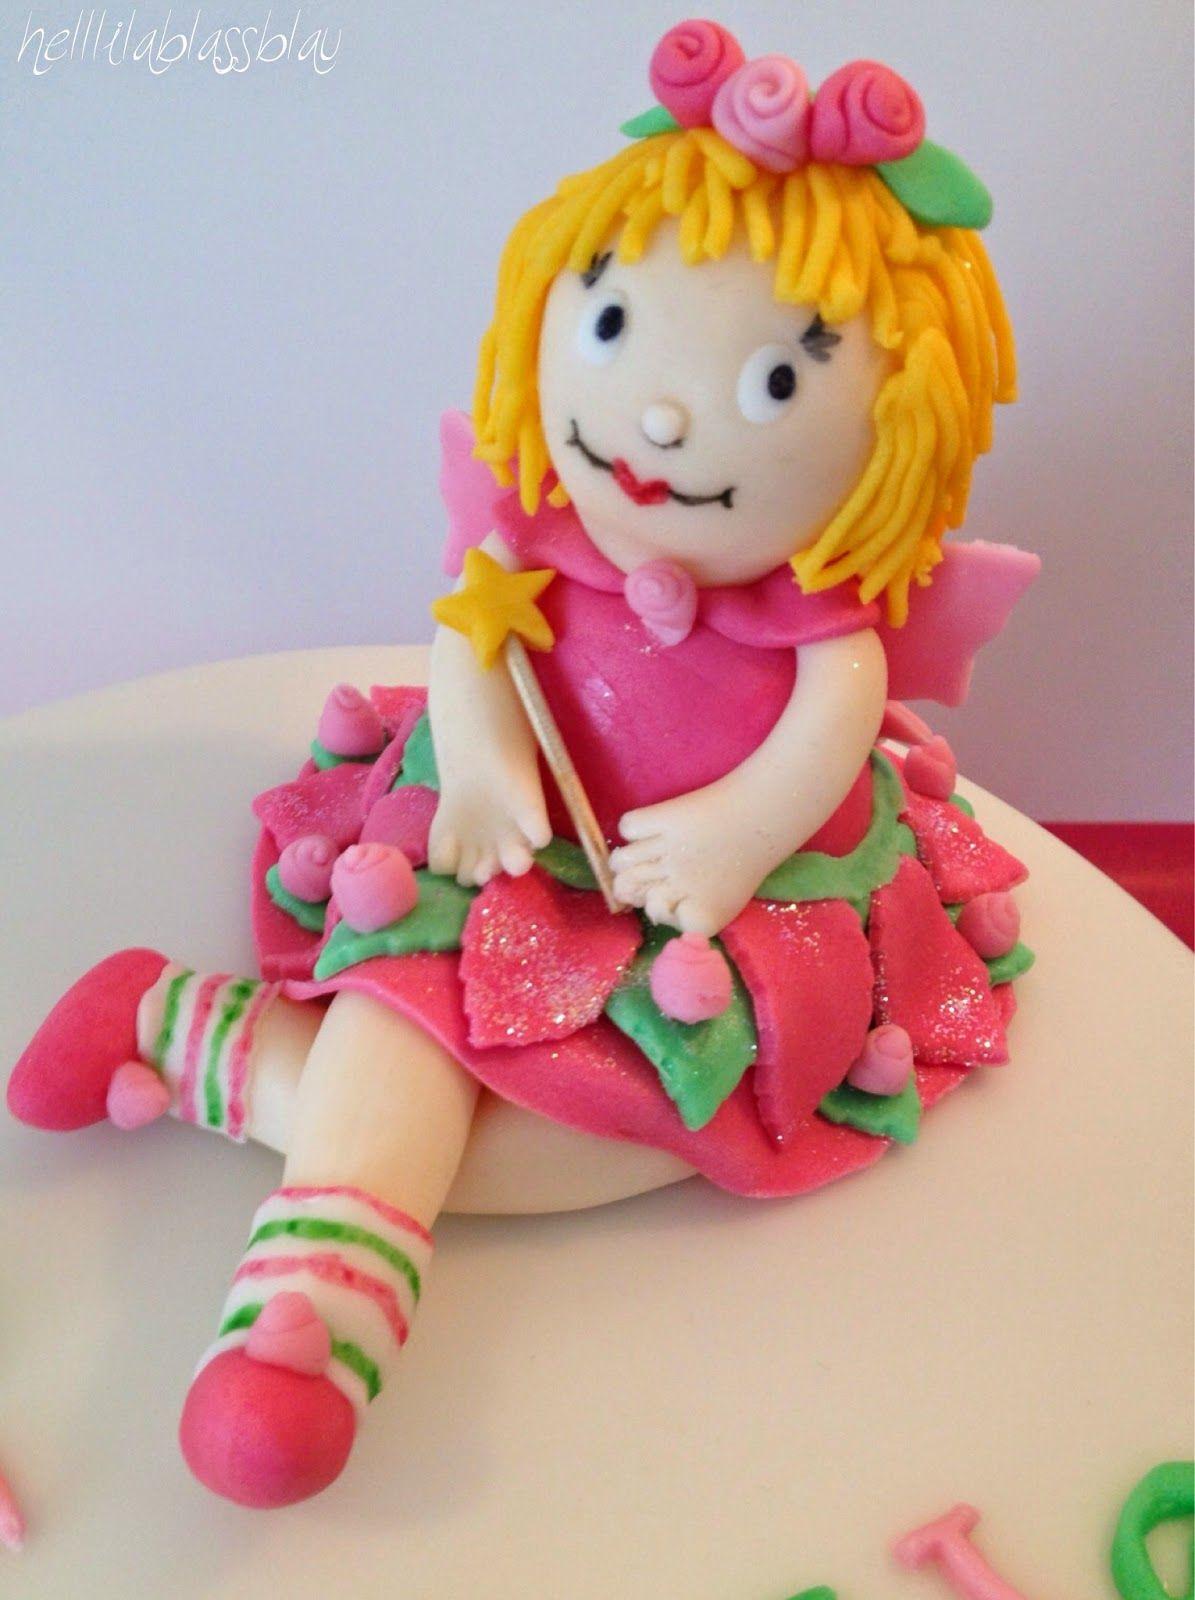 Prinzessin Lillifee Modellierarbeiten Zuckerdeko Pinterest Cake